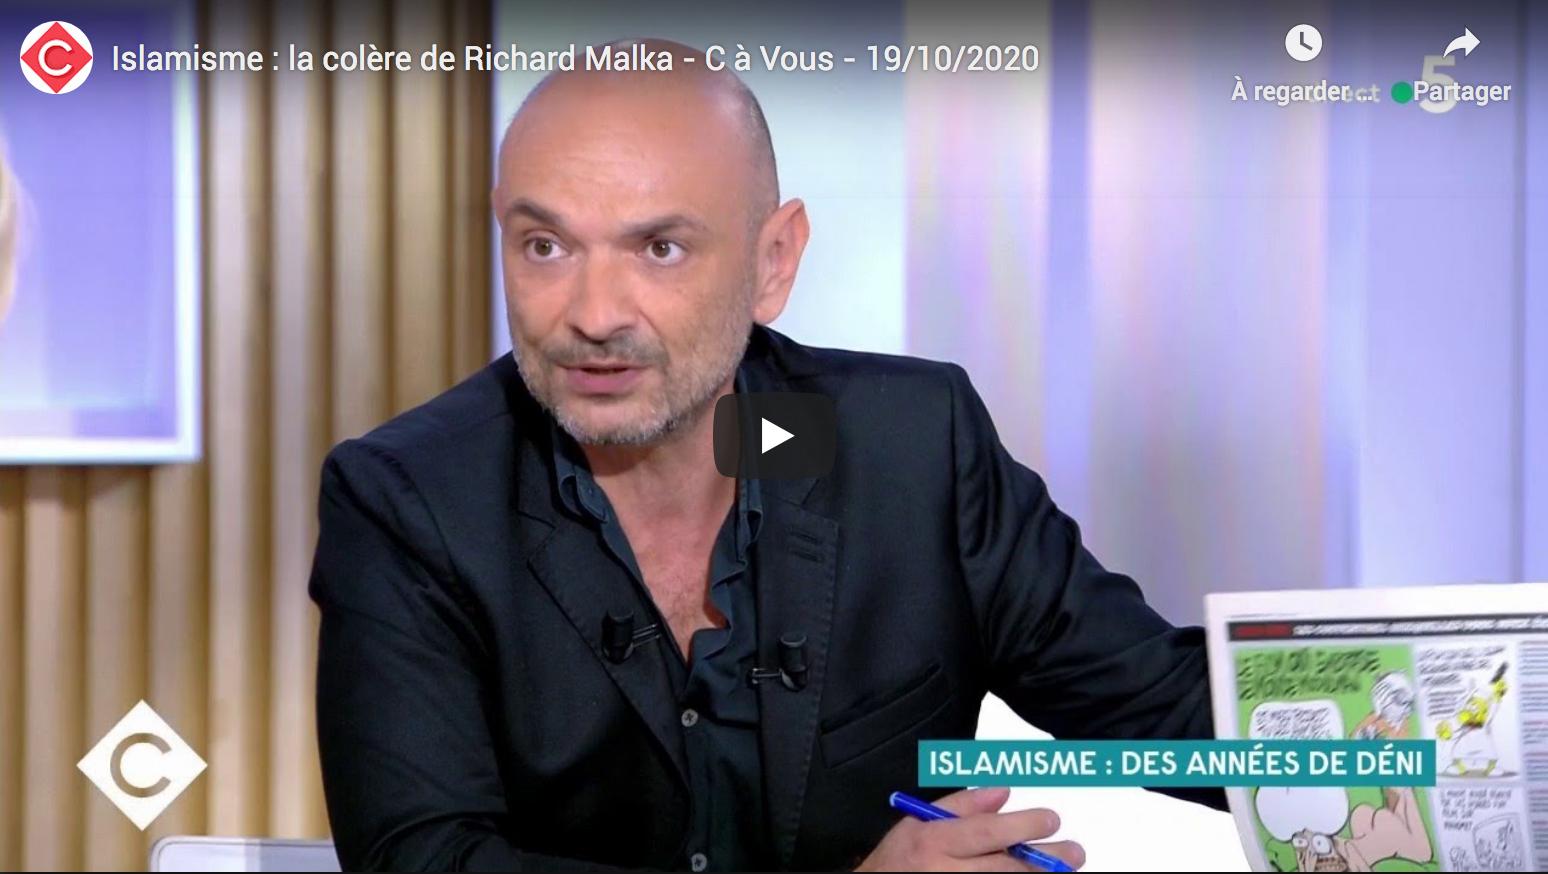 Islamisme : la colère de l'avocat gauchiste Richard Malka (VIDÉO)